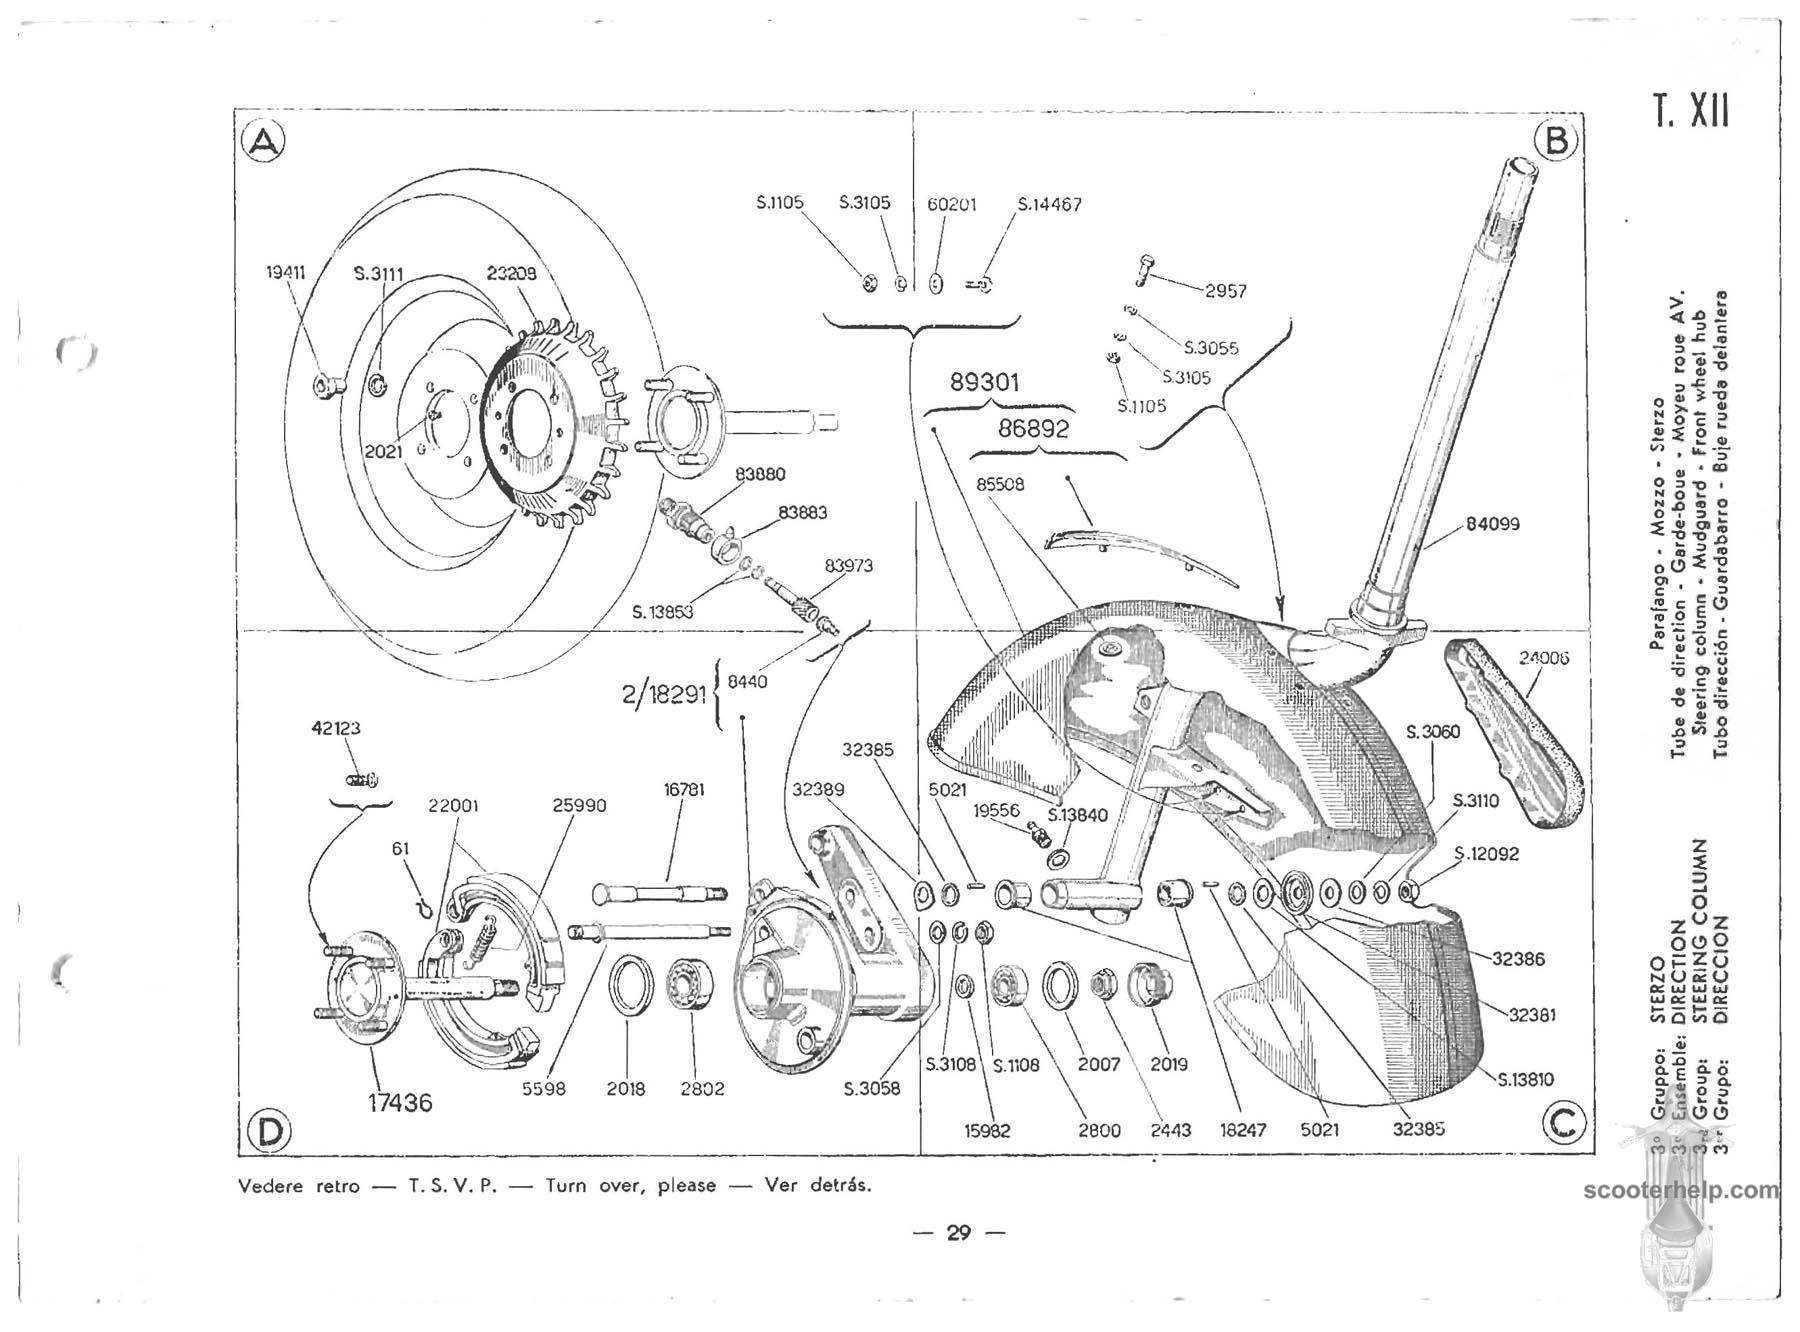 vespa 150 vbb1t parts manual 2002 Ford F-150 4.6 Motor